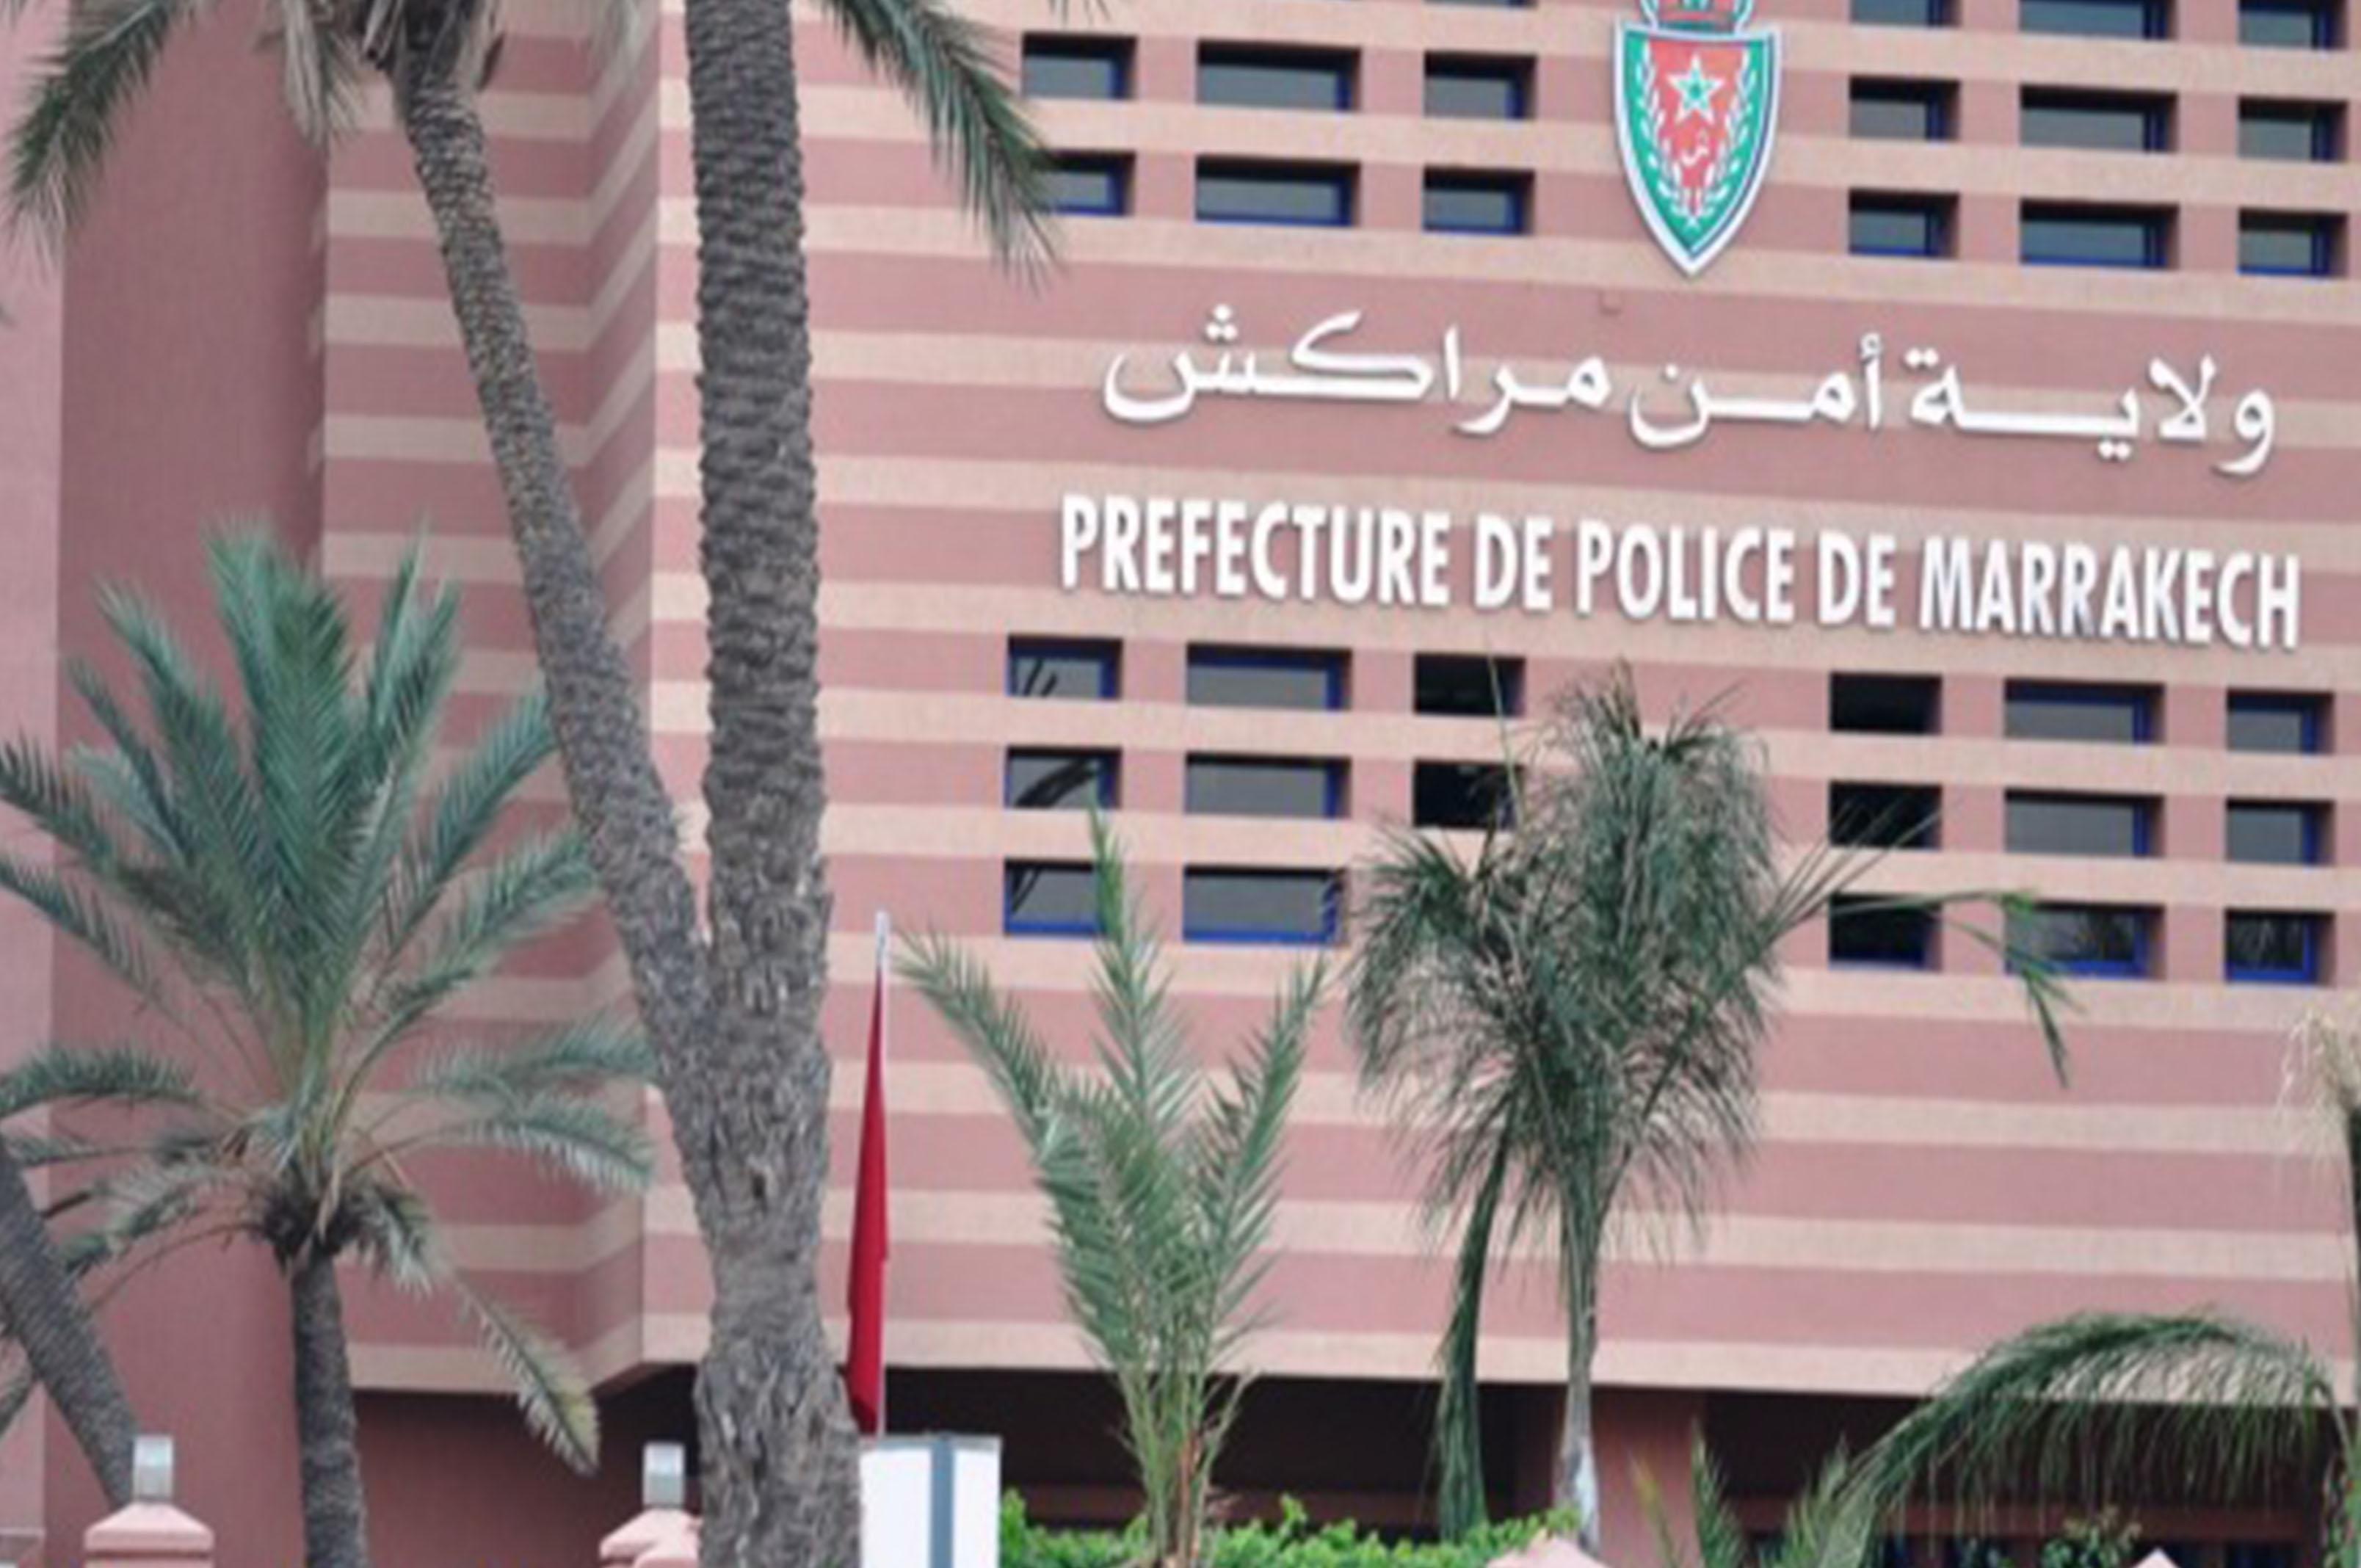 ولاية أمن مراكش تنفي أي إعتداء على أي شخص بسبب ميوله الجنسي